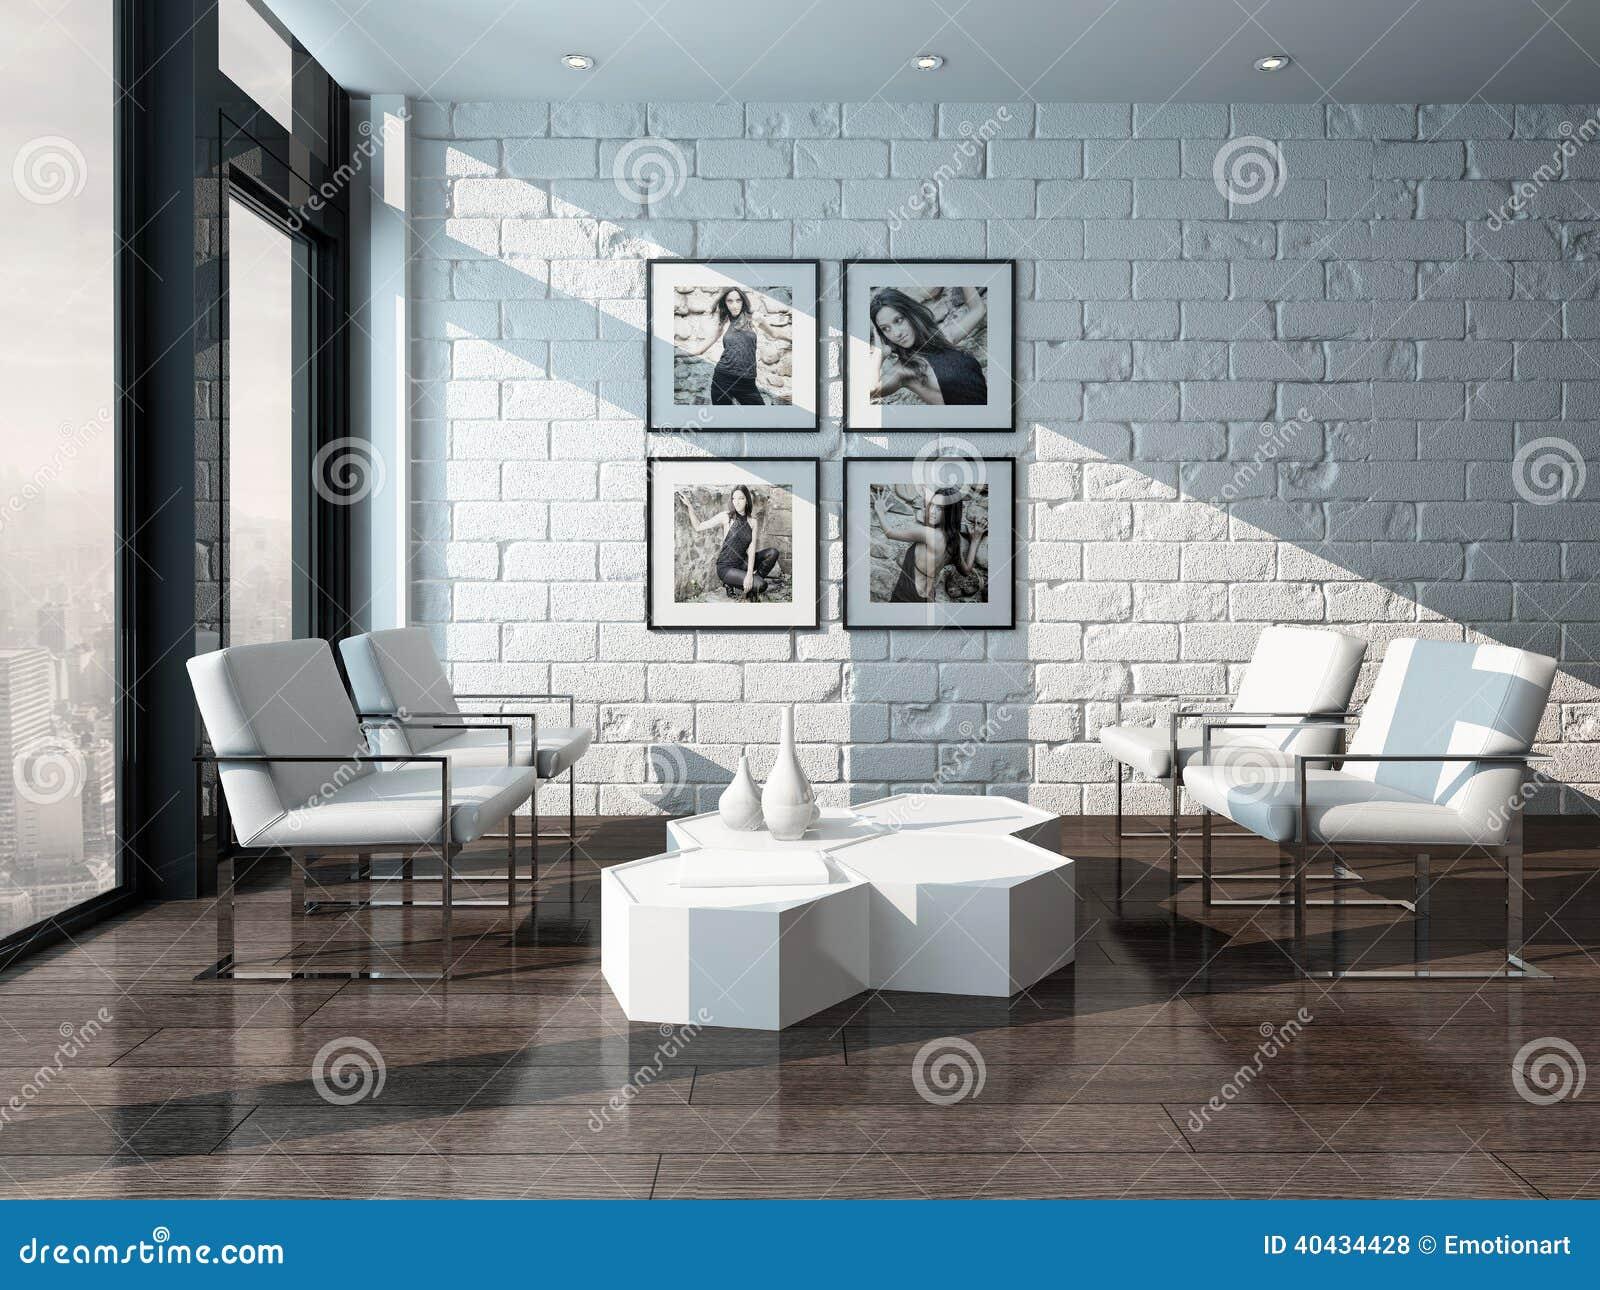 Brique blanche interieur id es de design de maison - Decoration brique interieur ...